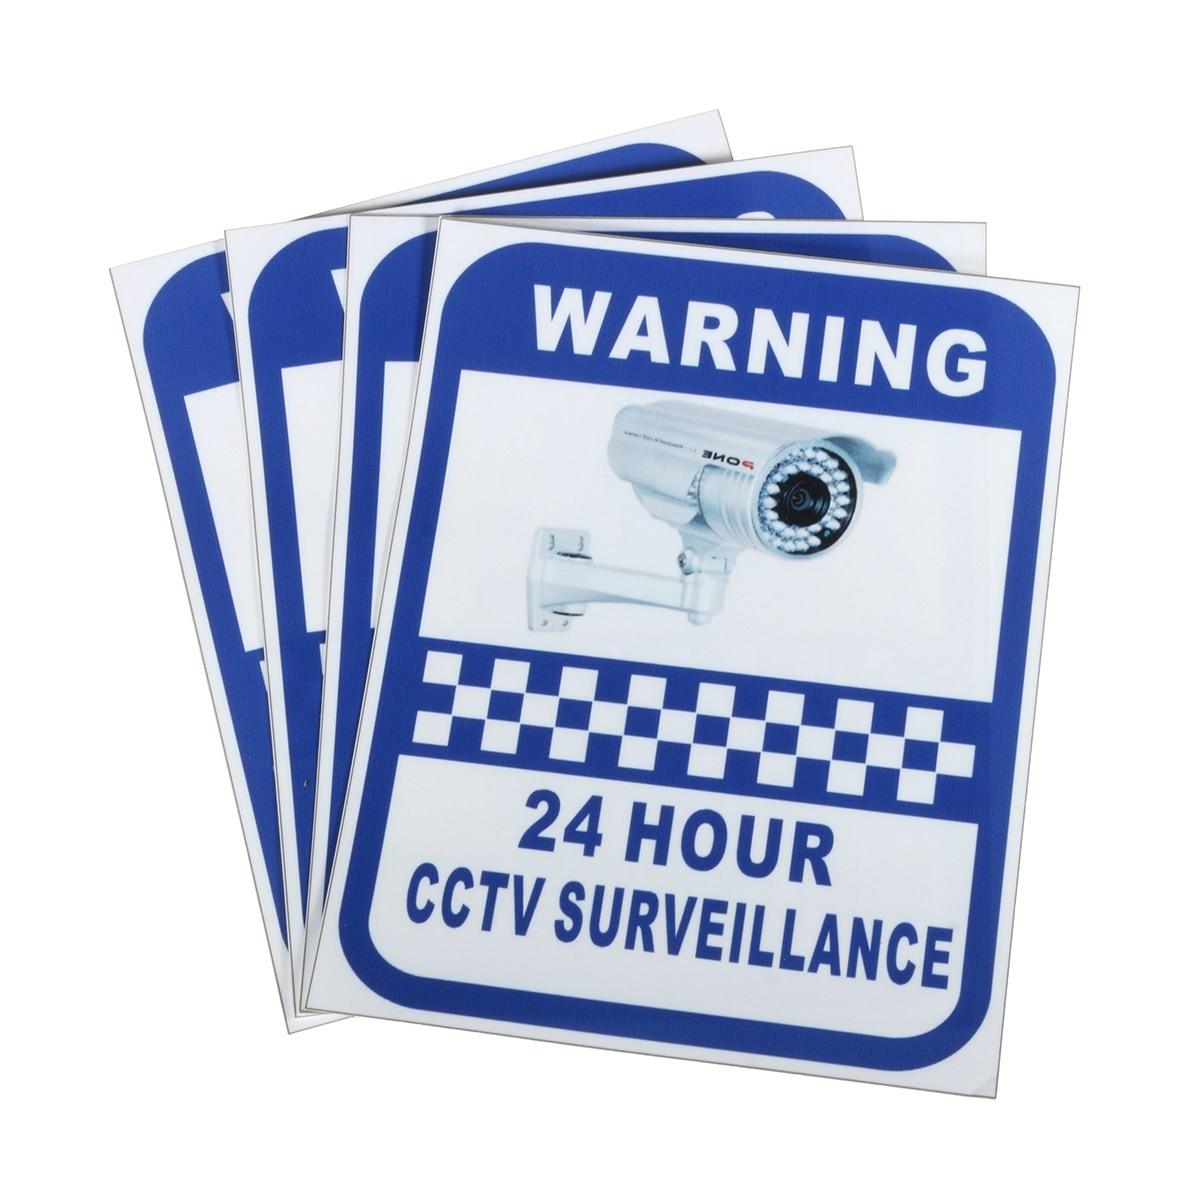 Safurance 4xcctv Камера Предупреждение Наклейки наблюдения виниловая наклейка видео знак безопасности дома Детская безопасность